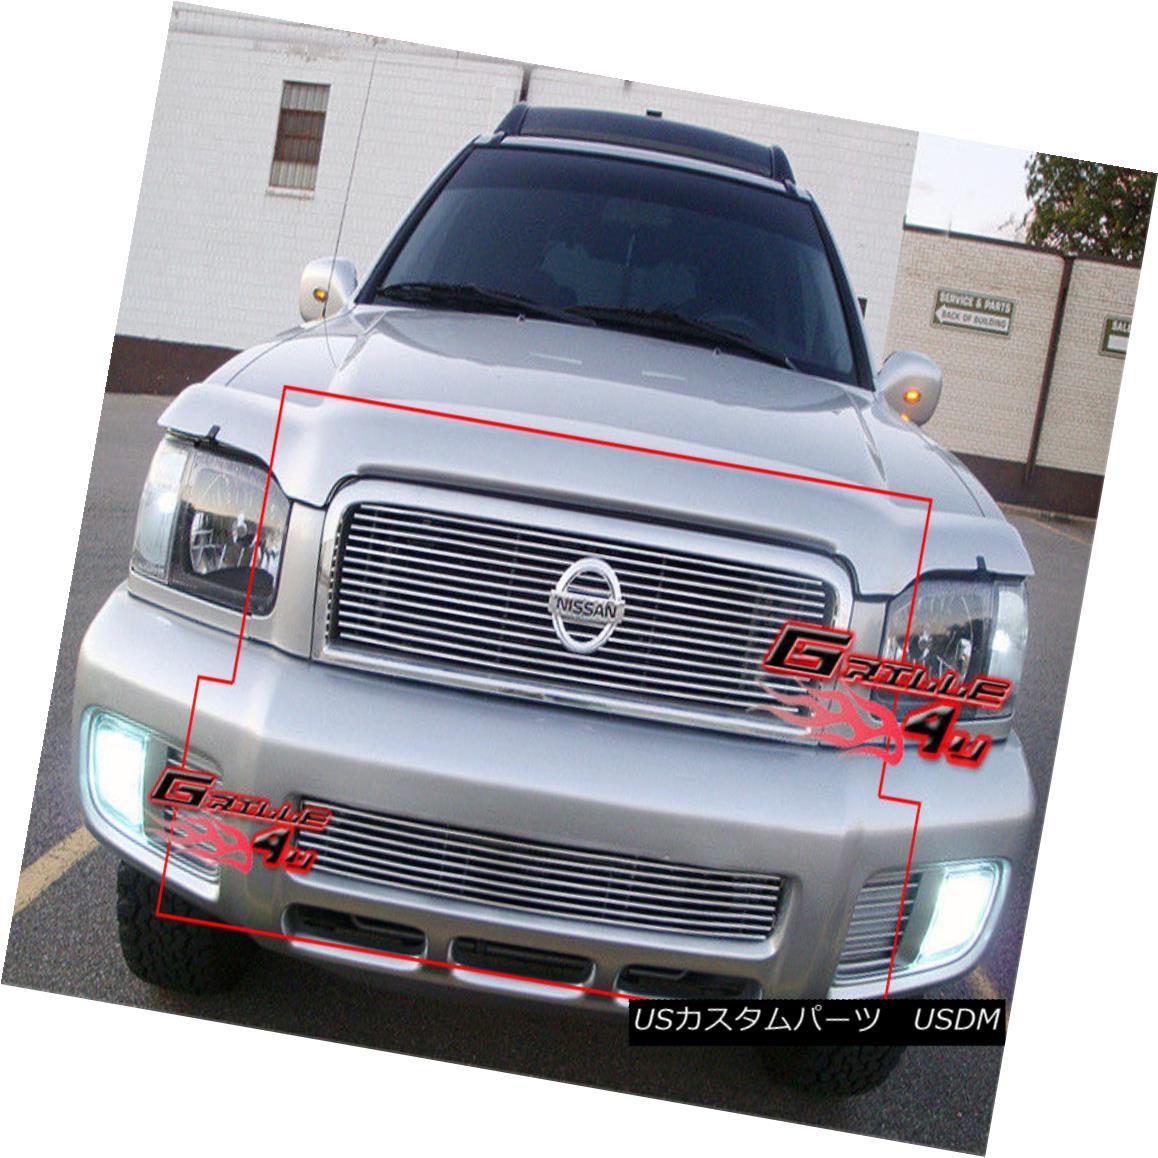 グリル For 00-01 Nissan Pathfinder Honeycomb Billet Grille Combo 00-01日産パスファインダーハニカムビレットグリルコンボ用